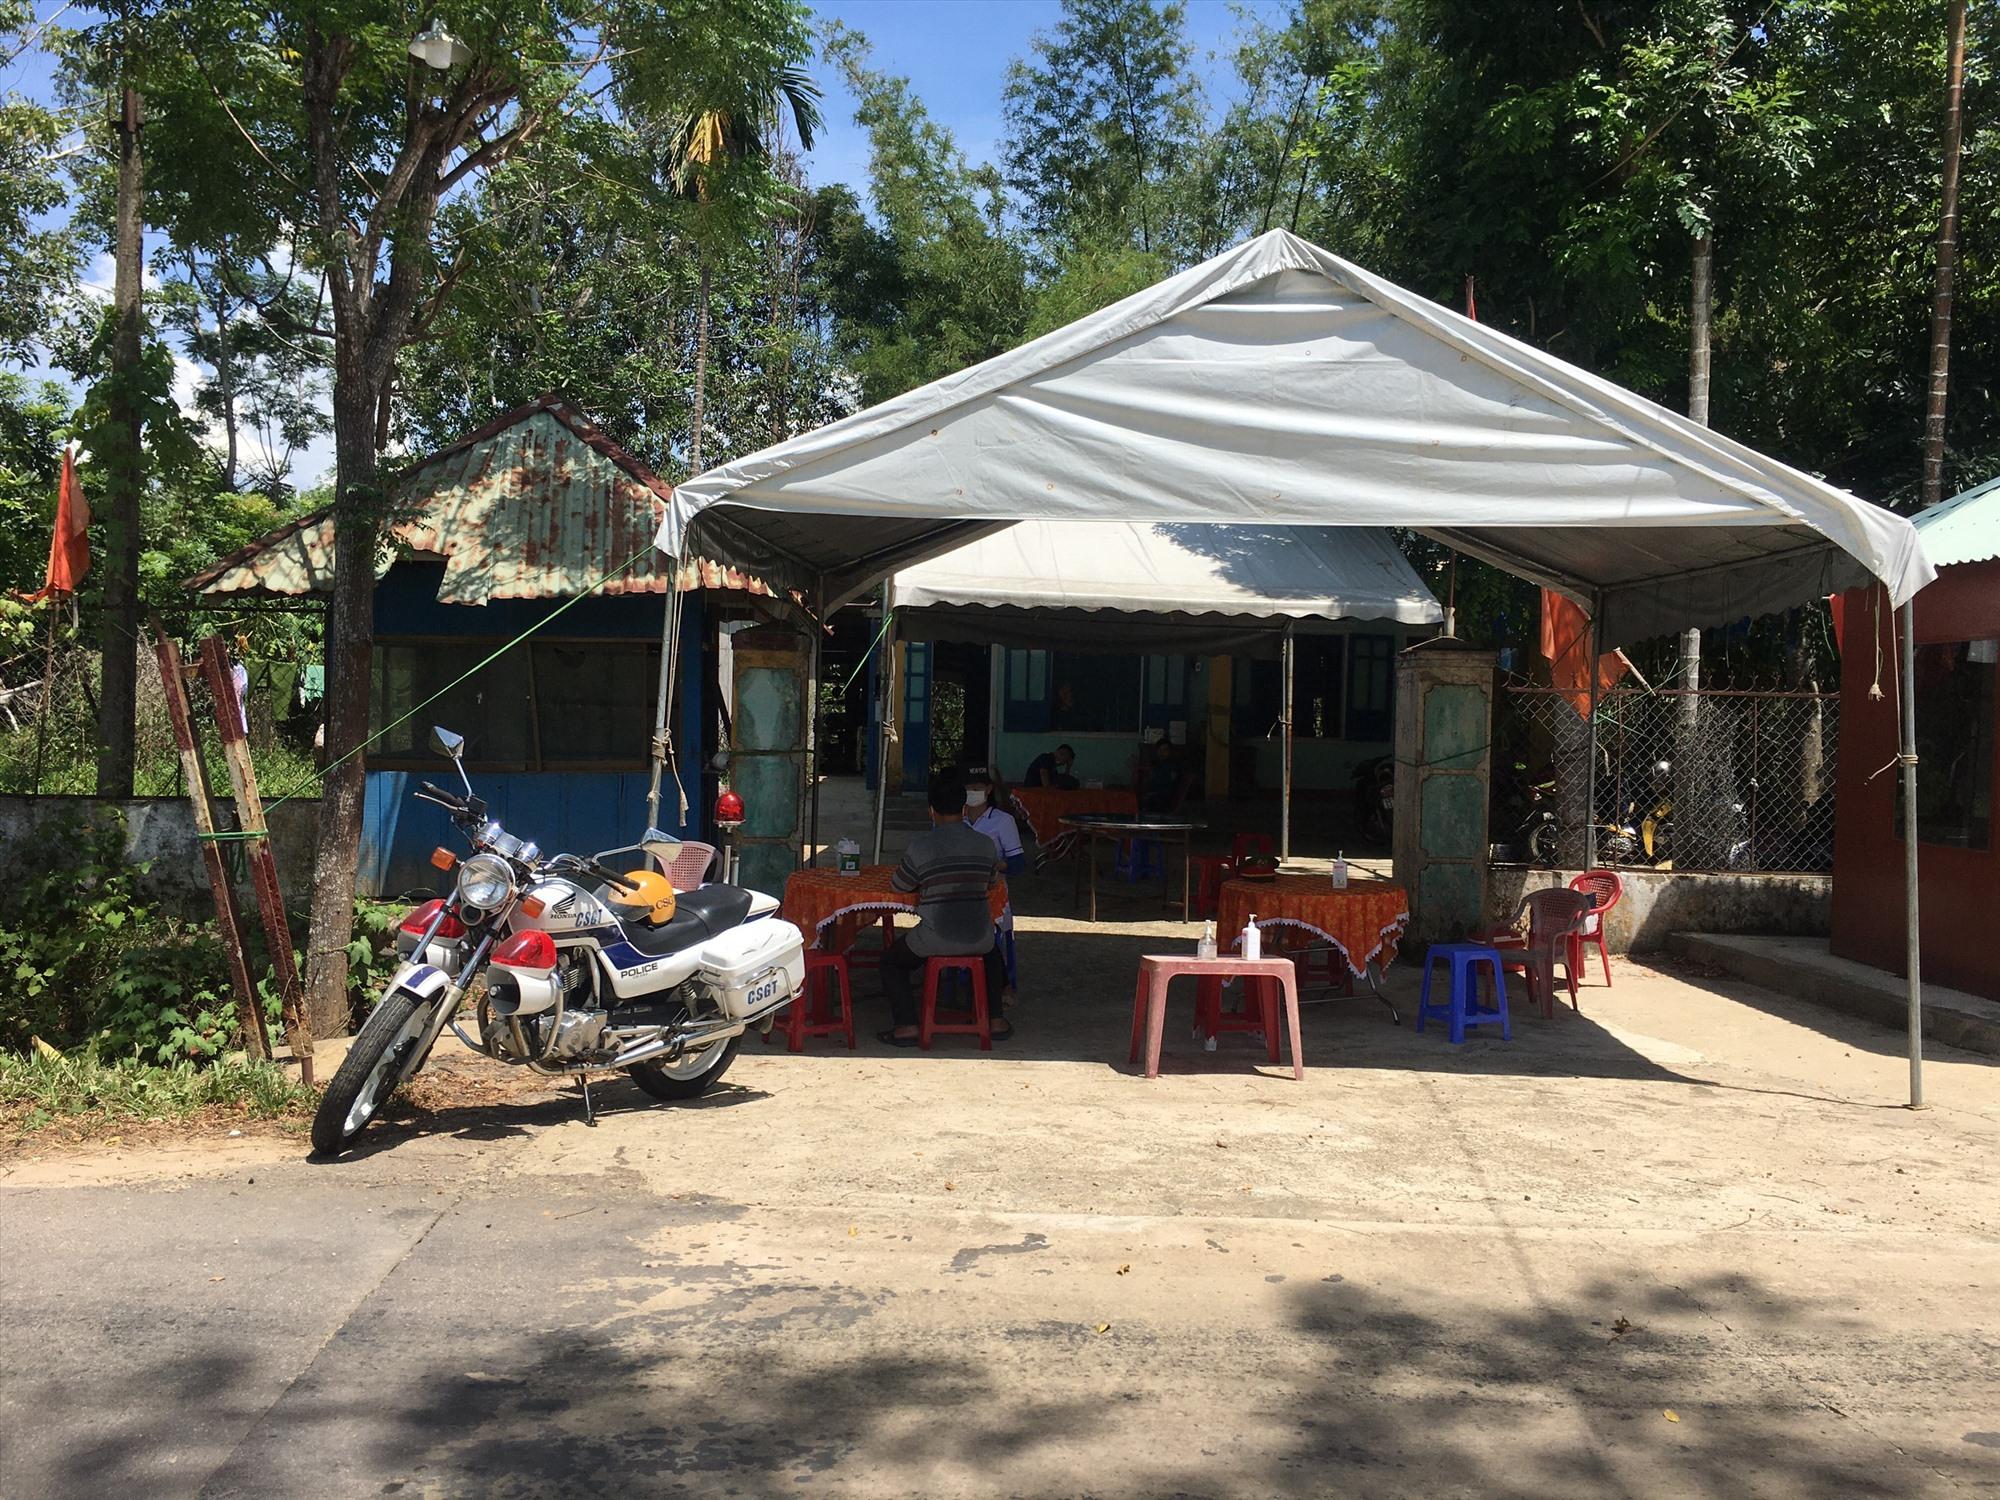 Chốt kiểm soát phòng chống dịch Covid-19 được UBND huyện Phước Sơn thành lập tại tuyến Quốc lộ 14E. Ảnh: Q.K